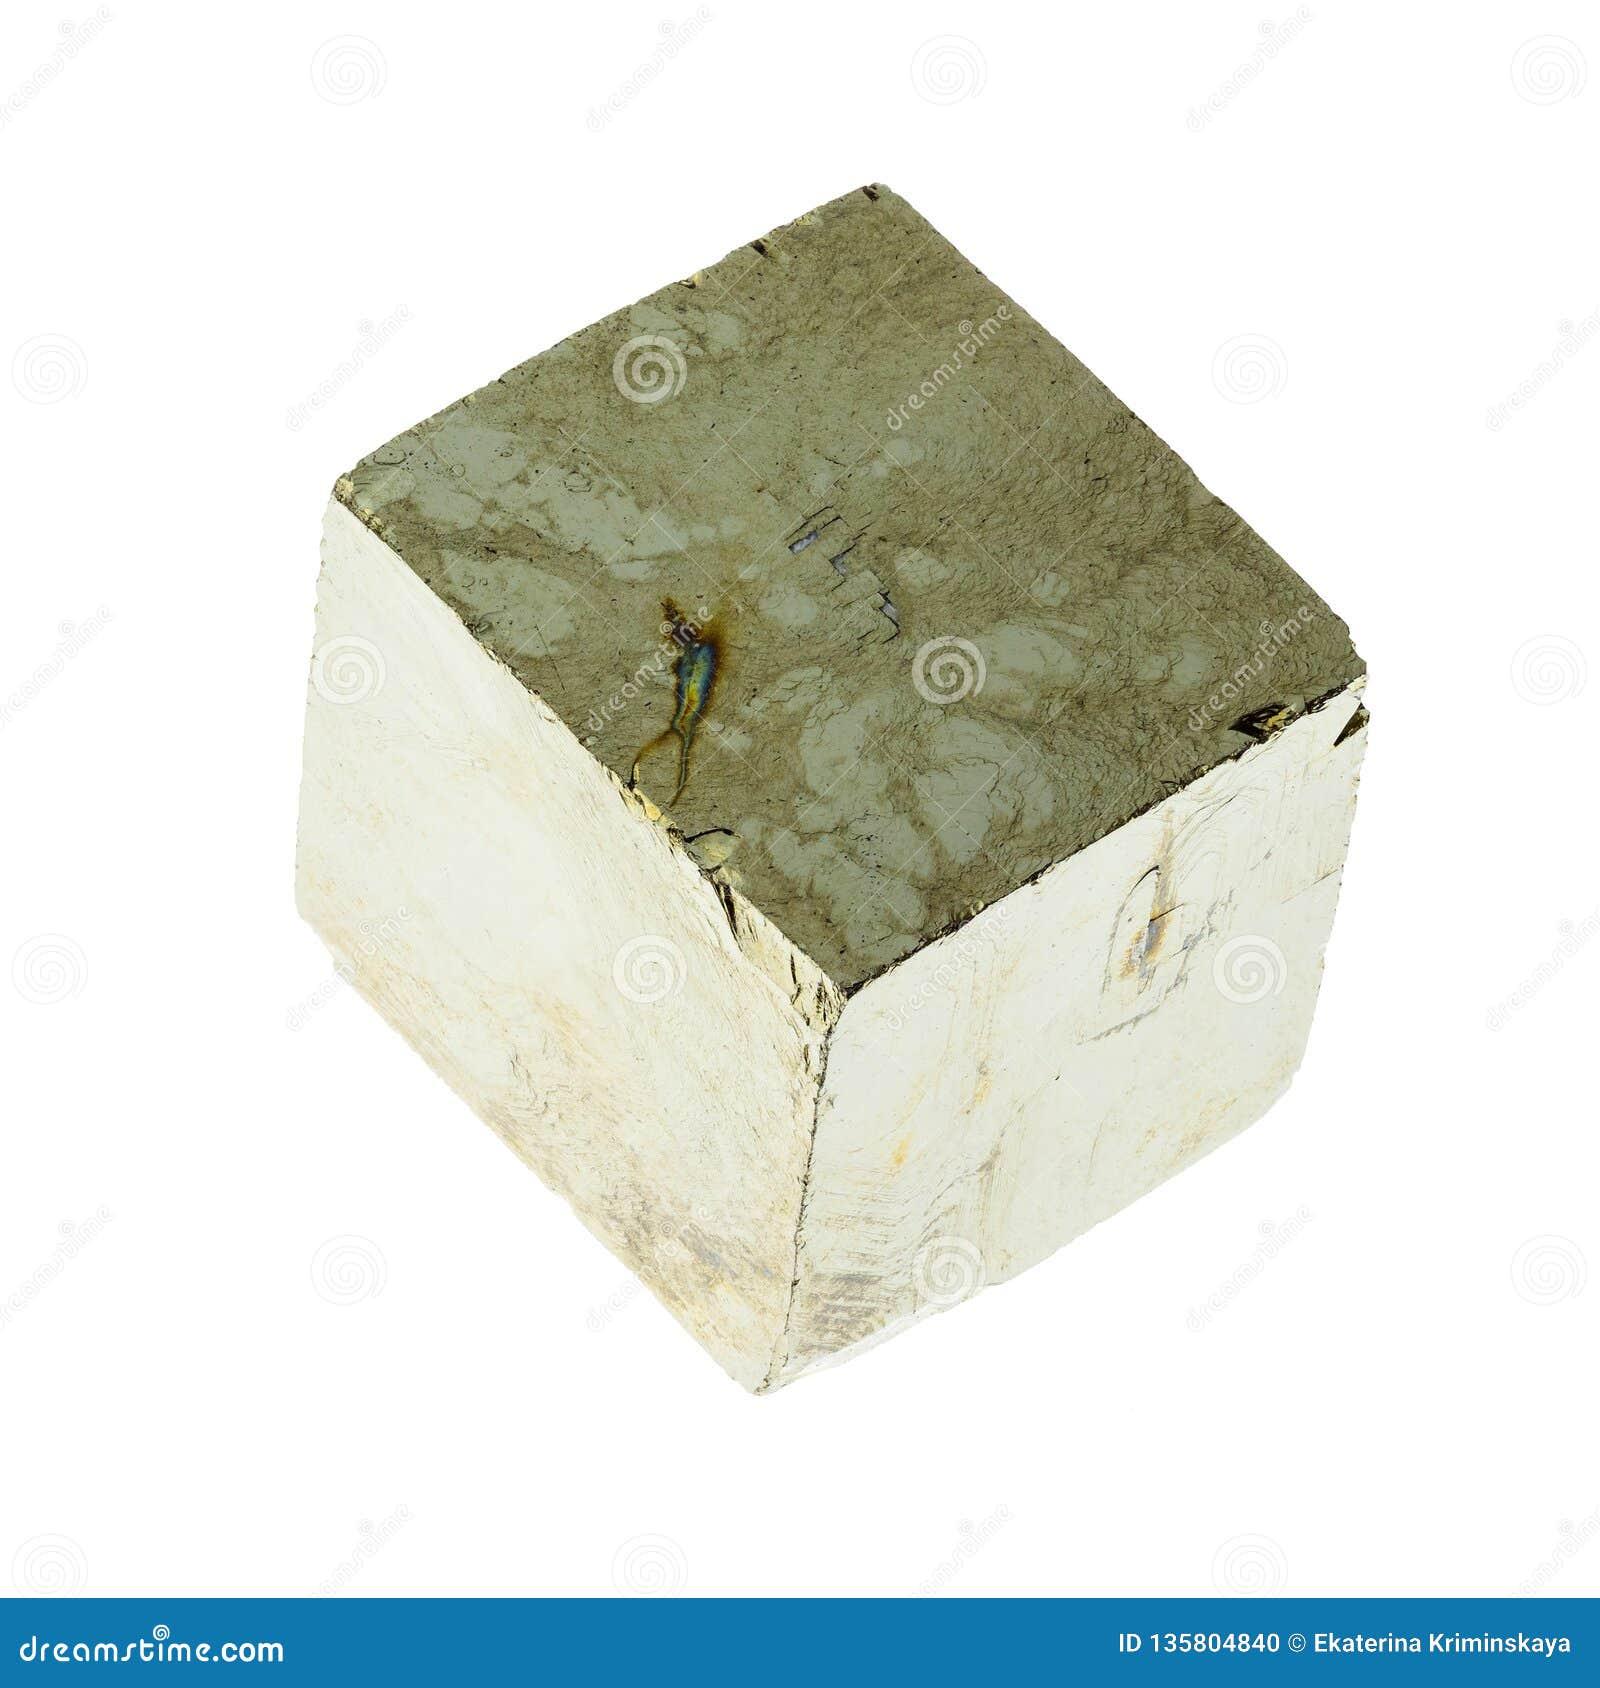 Cubo da pirite de ferro no branco